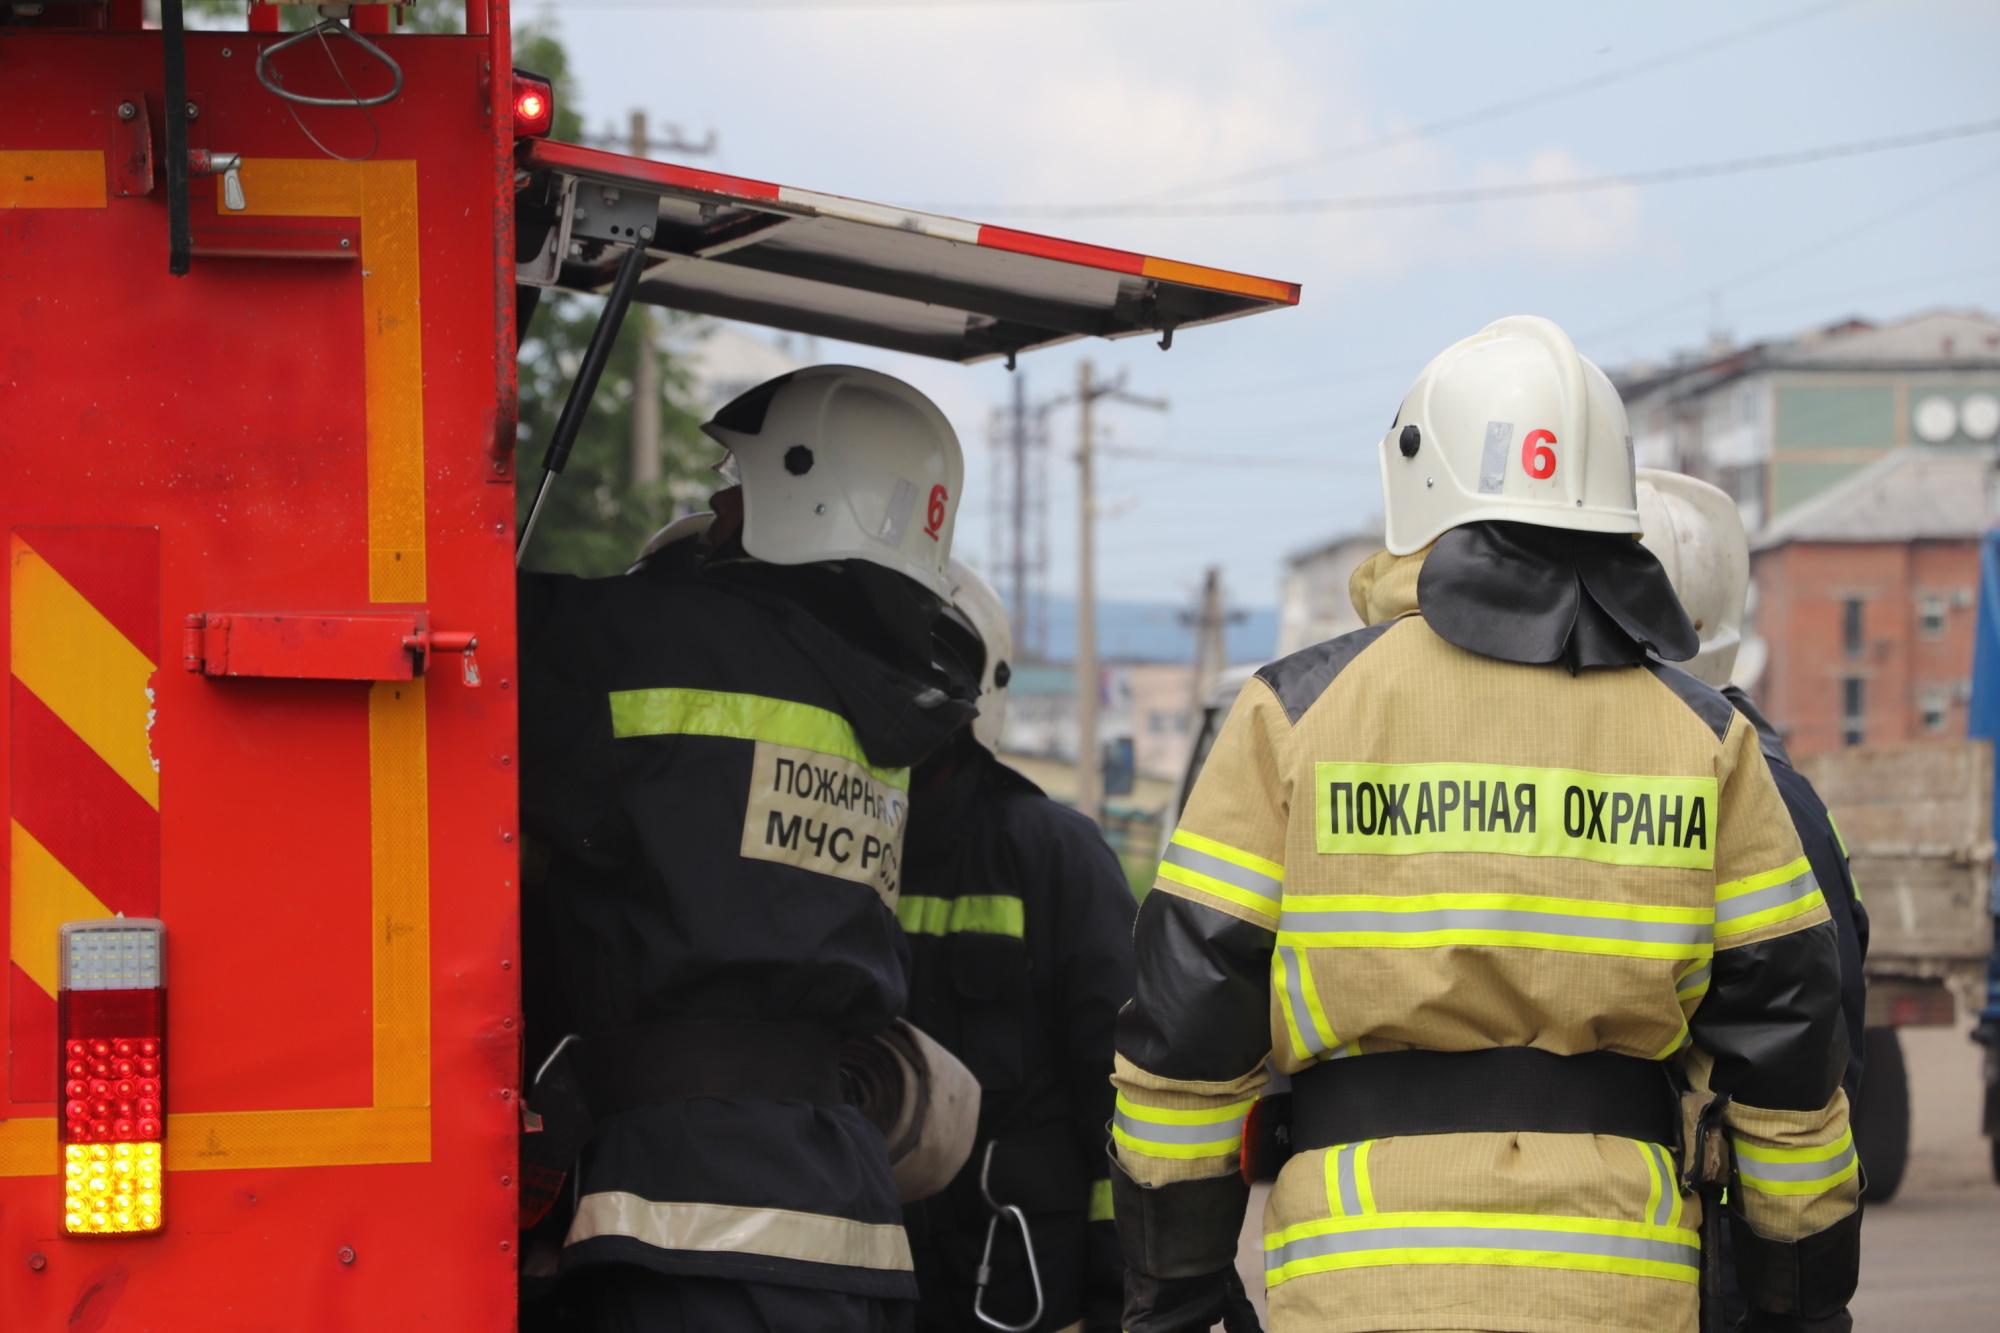 Загоревшийся поздним вечером автомобиль спасали огнеборцы в Облучье